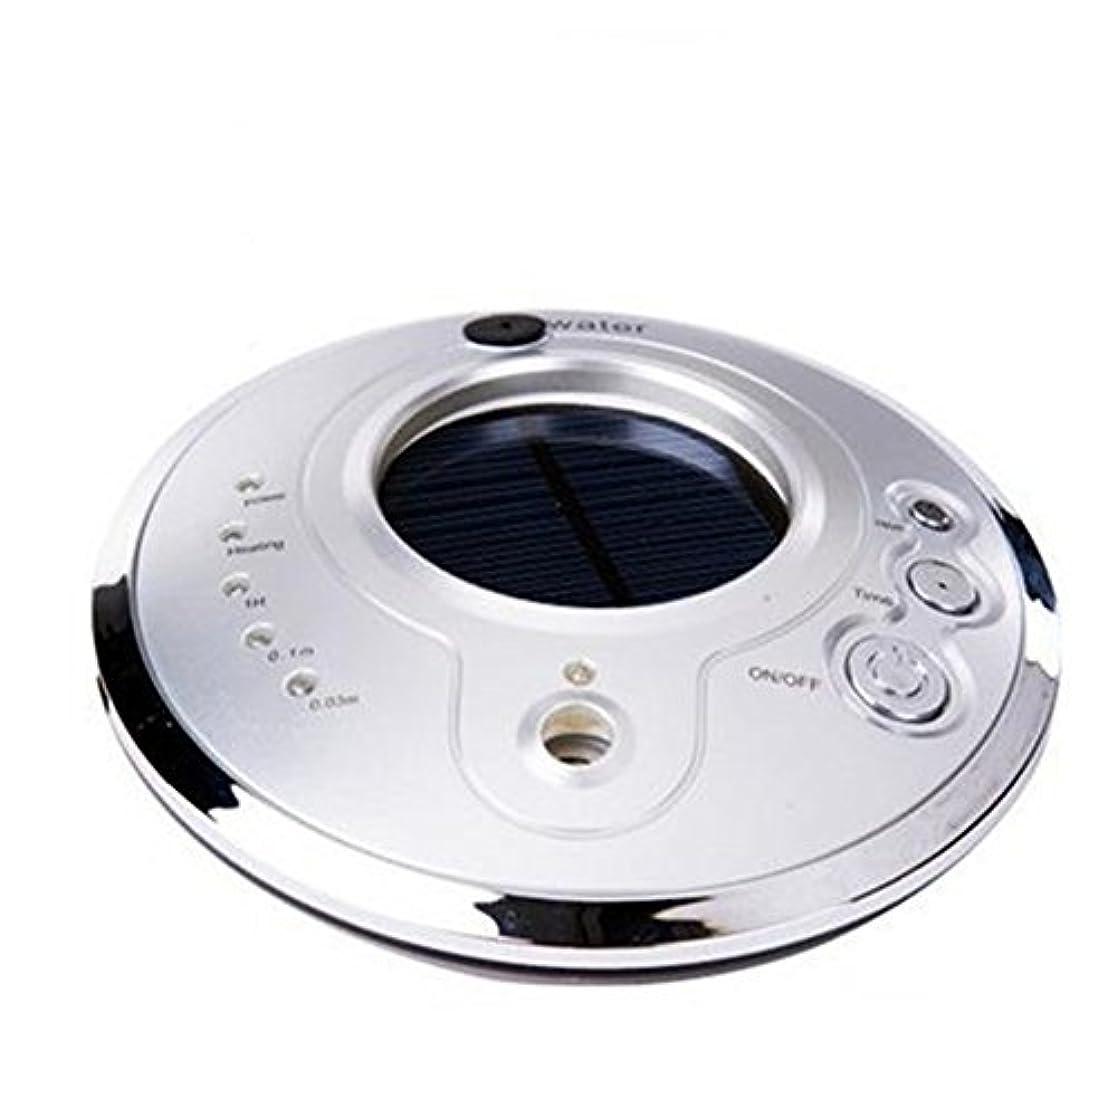 時々時々適切な節約Auroraloveイオン空気清浄機Fresher USB車空気加湿器、ソーラーイオン加湿器、アロマセラピー車Essential Oil Diffuser、超音波車モードで調節可能なミスト加湿器 シルバー